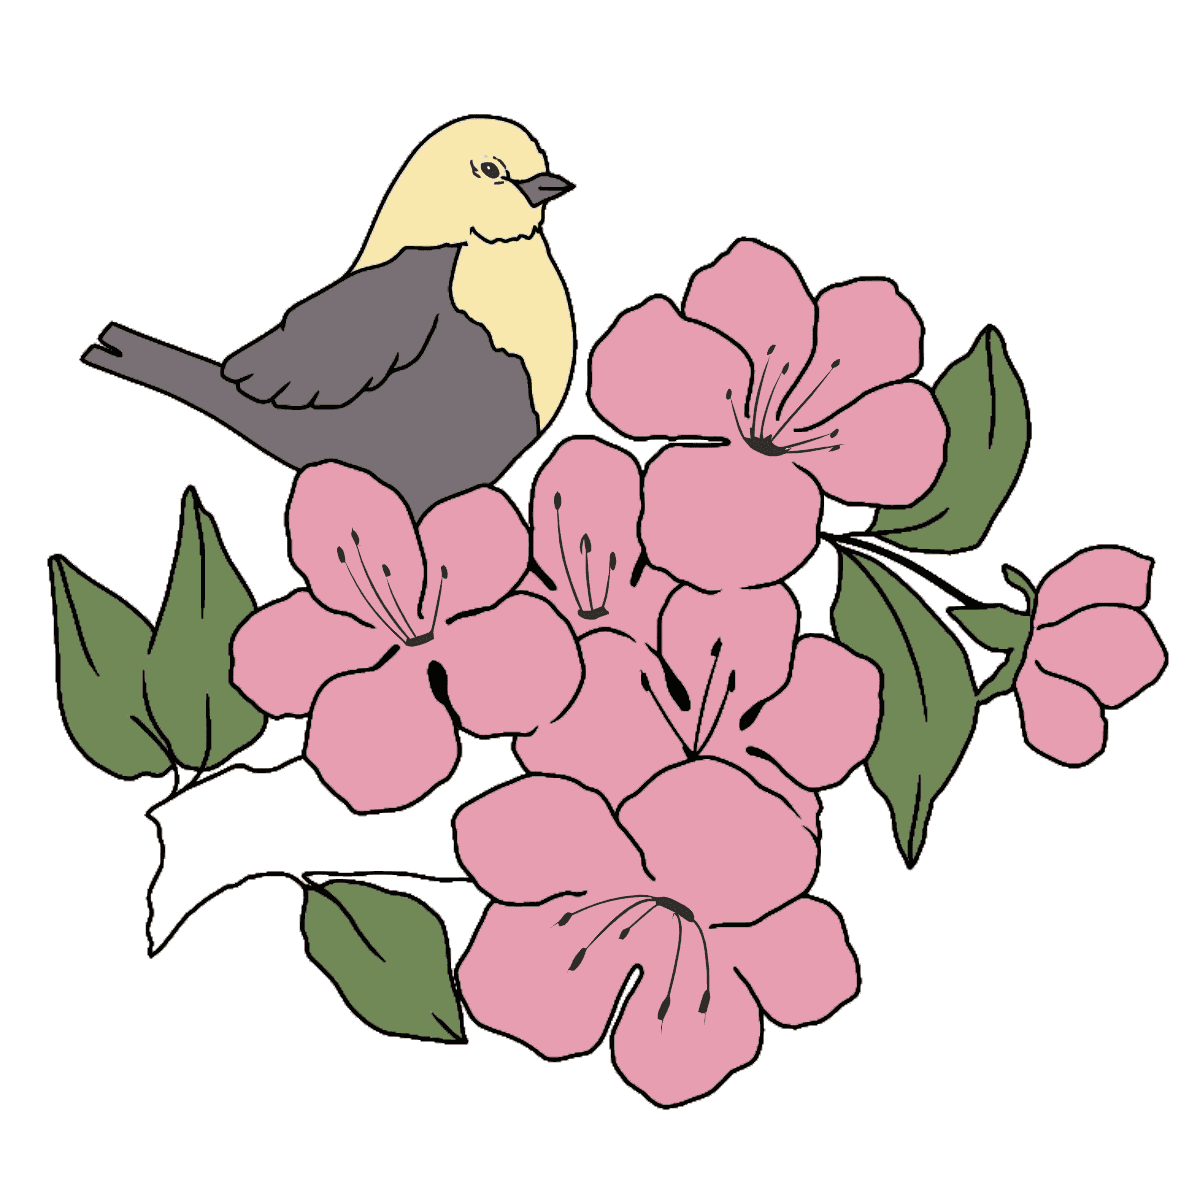 Página para Colorear de Verano - Un Ave Piando en una Rama con Flores